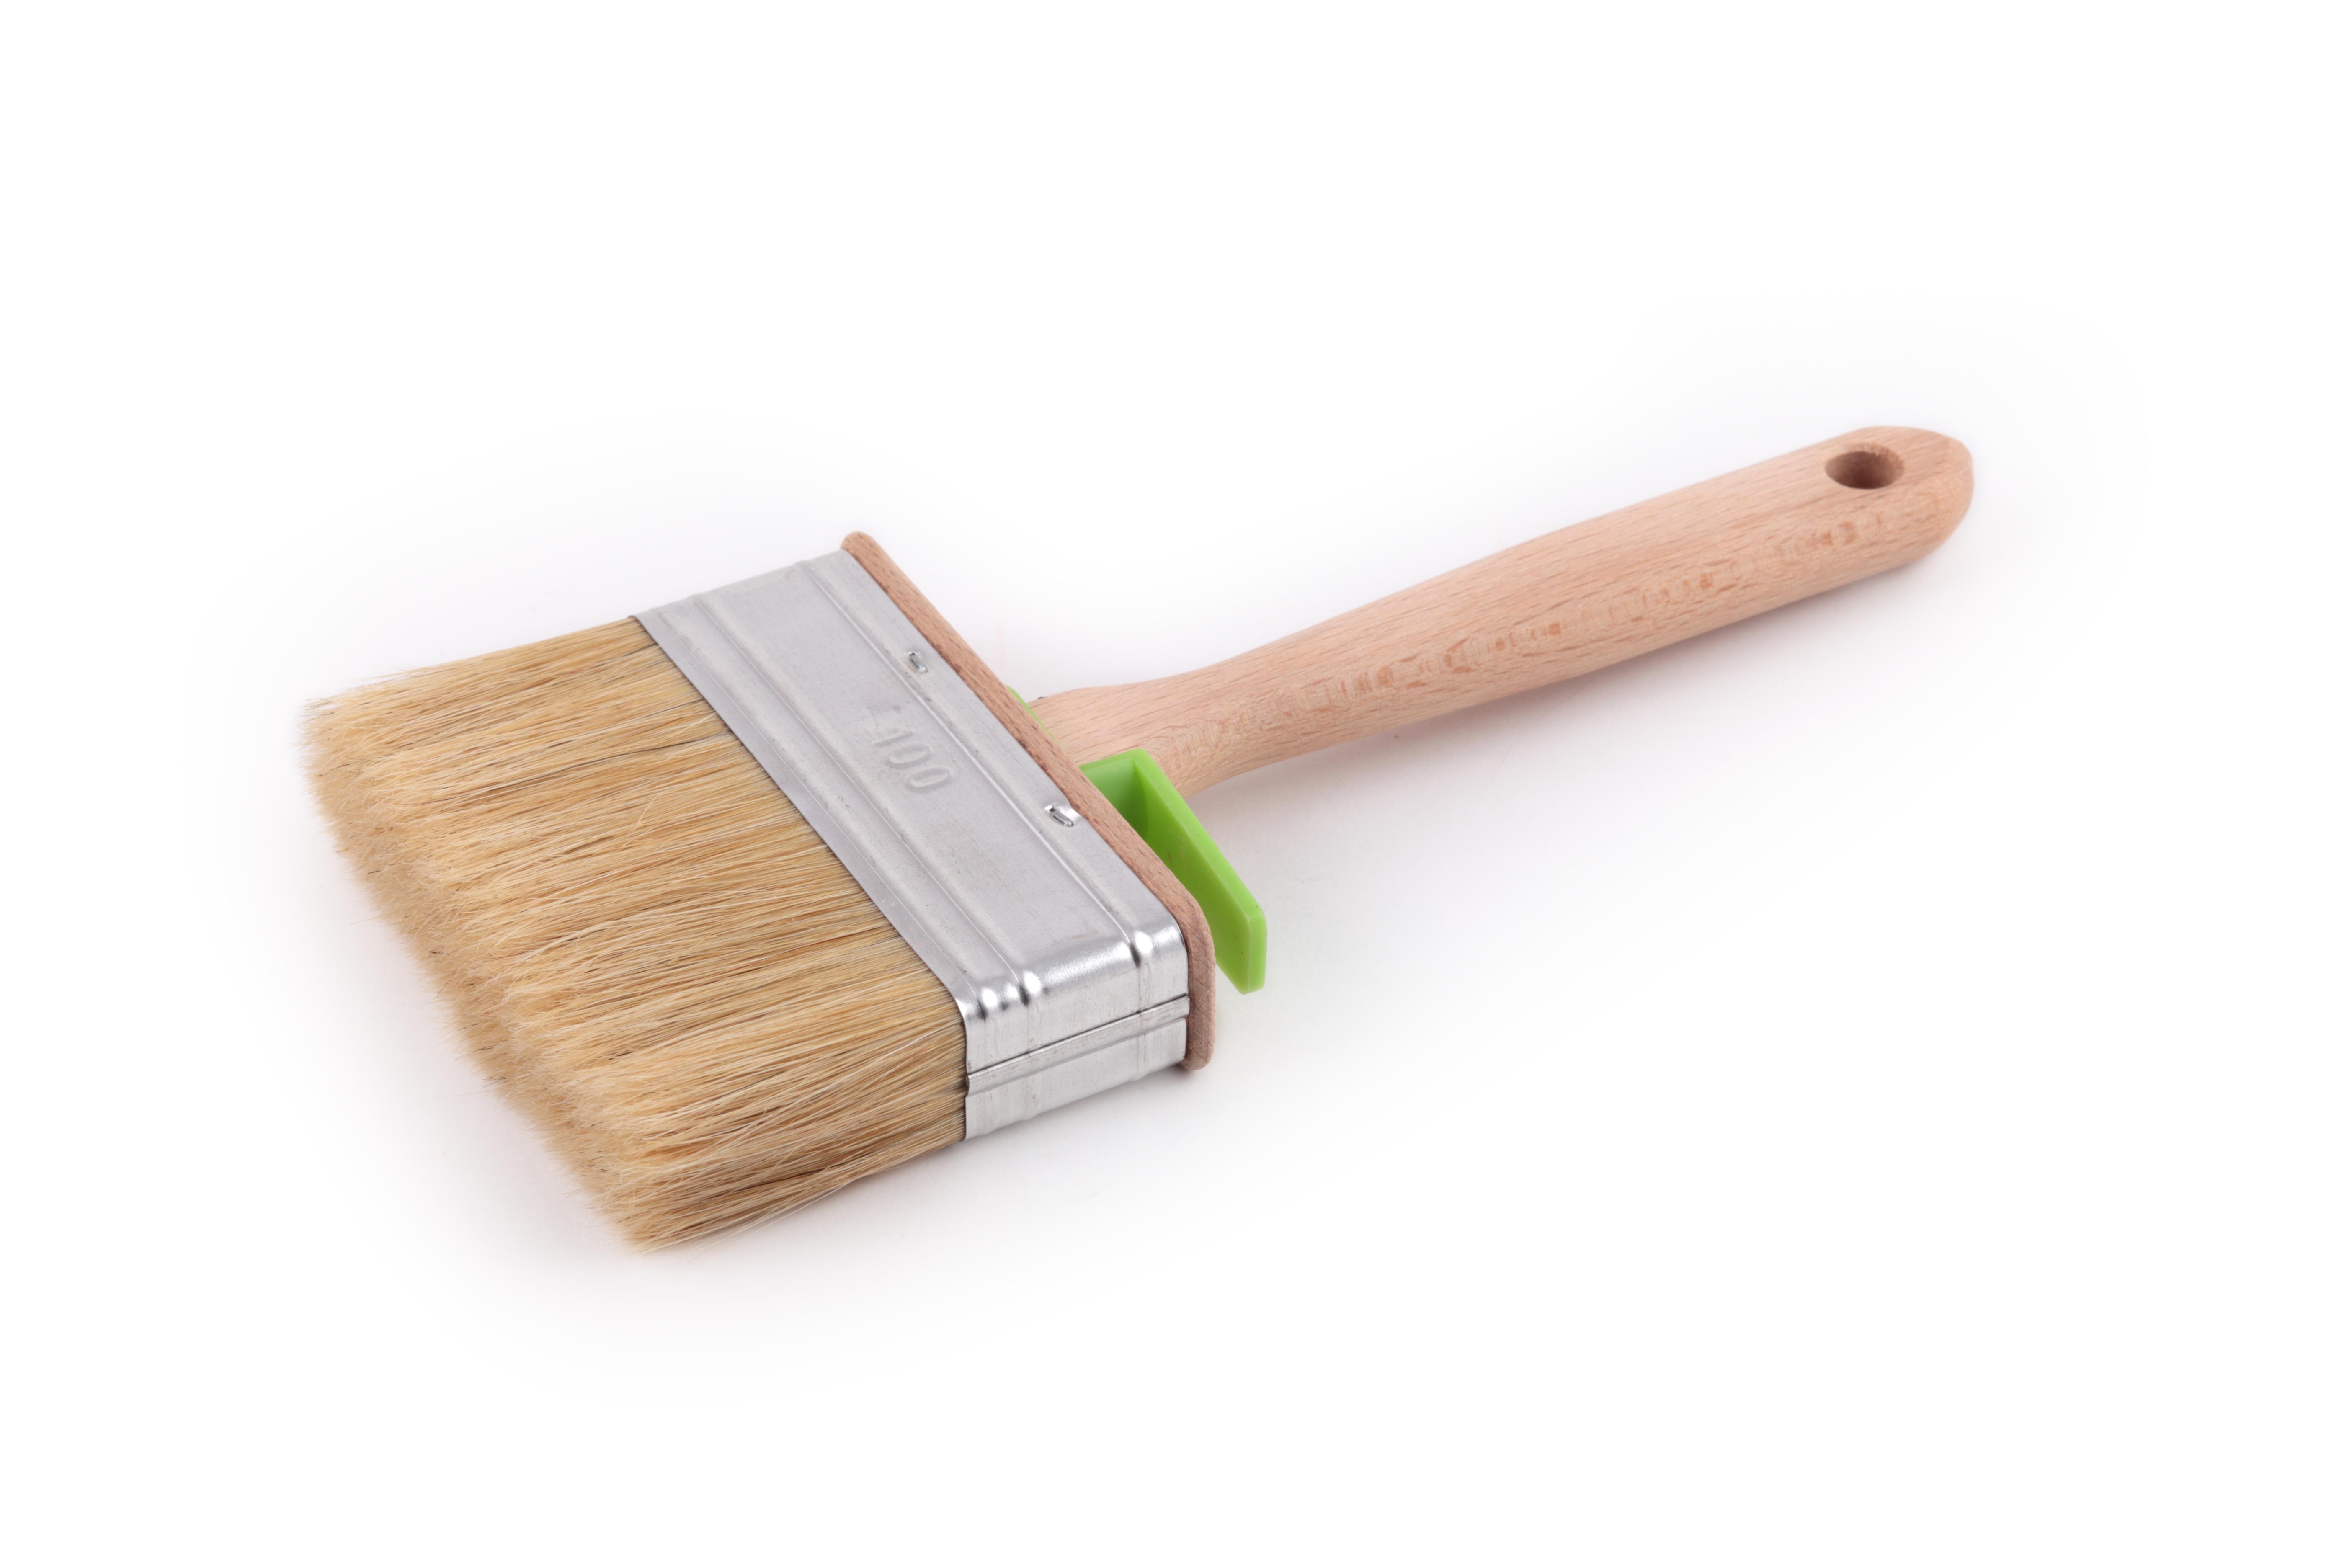 Кисть флейцевая ЛАЗУРНЫЙ БЕРЕГ КП-120х25 дер. ручка кисть плоская лазурный берег 25 мм искусственная щетина orel деревянная ручка